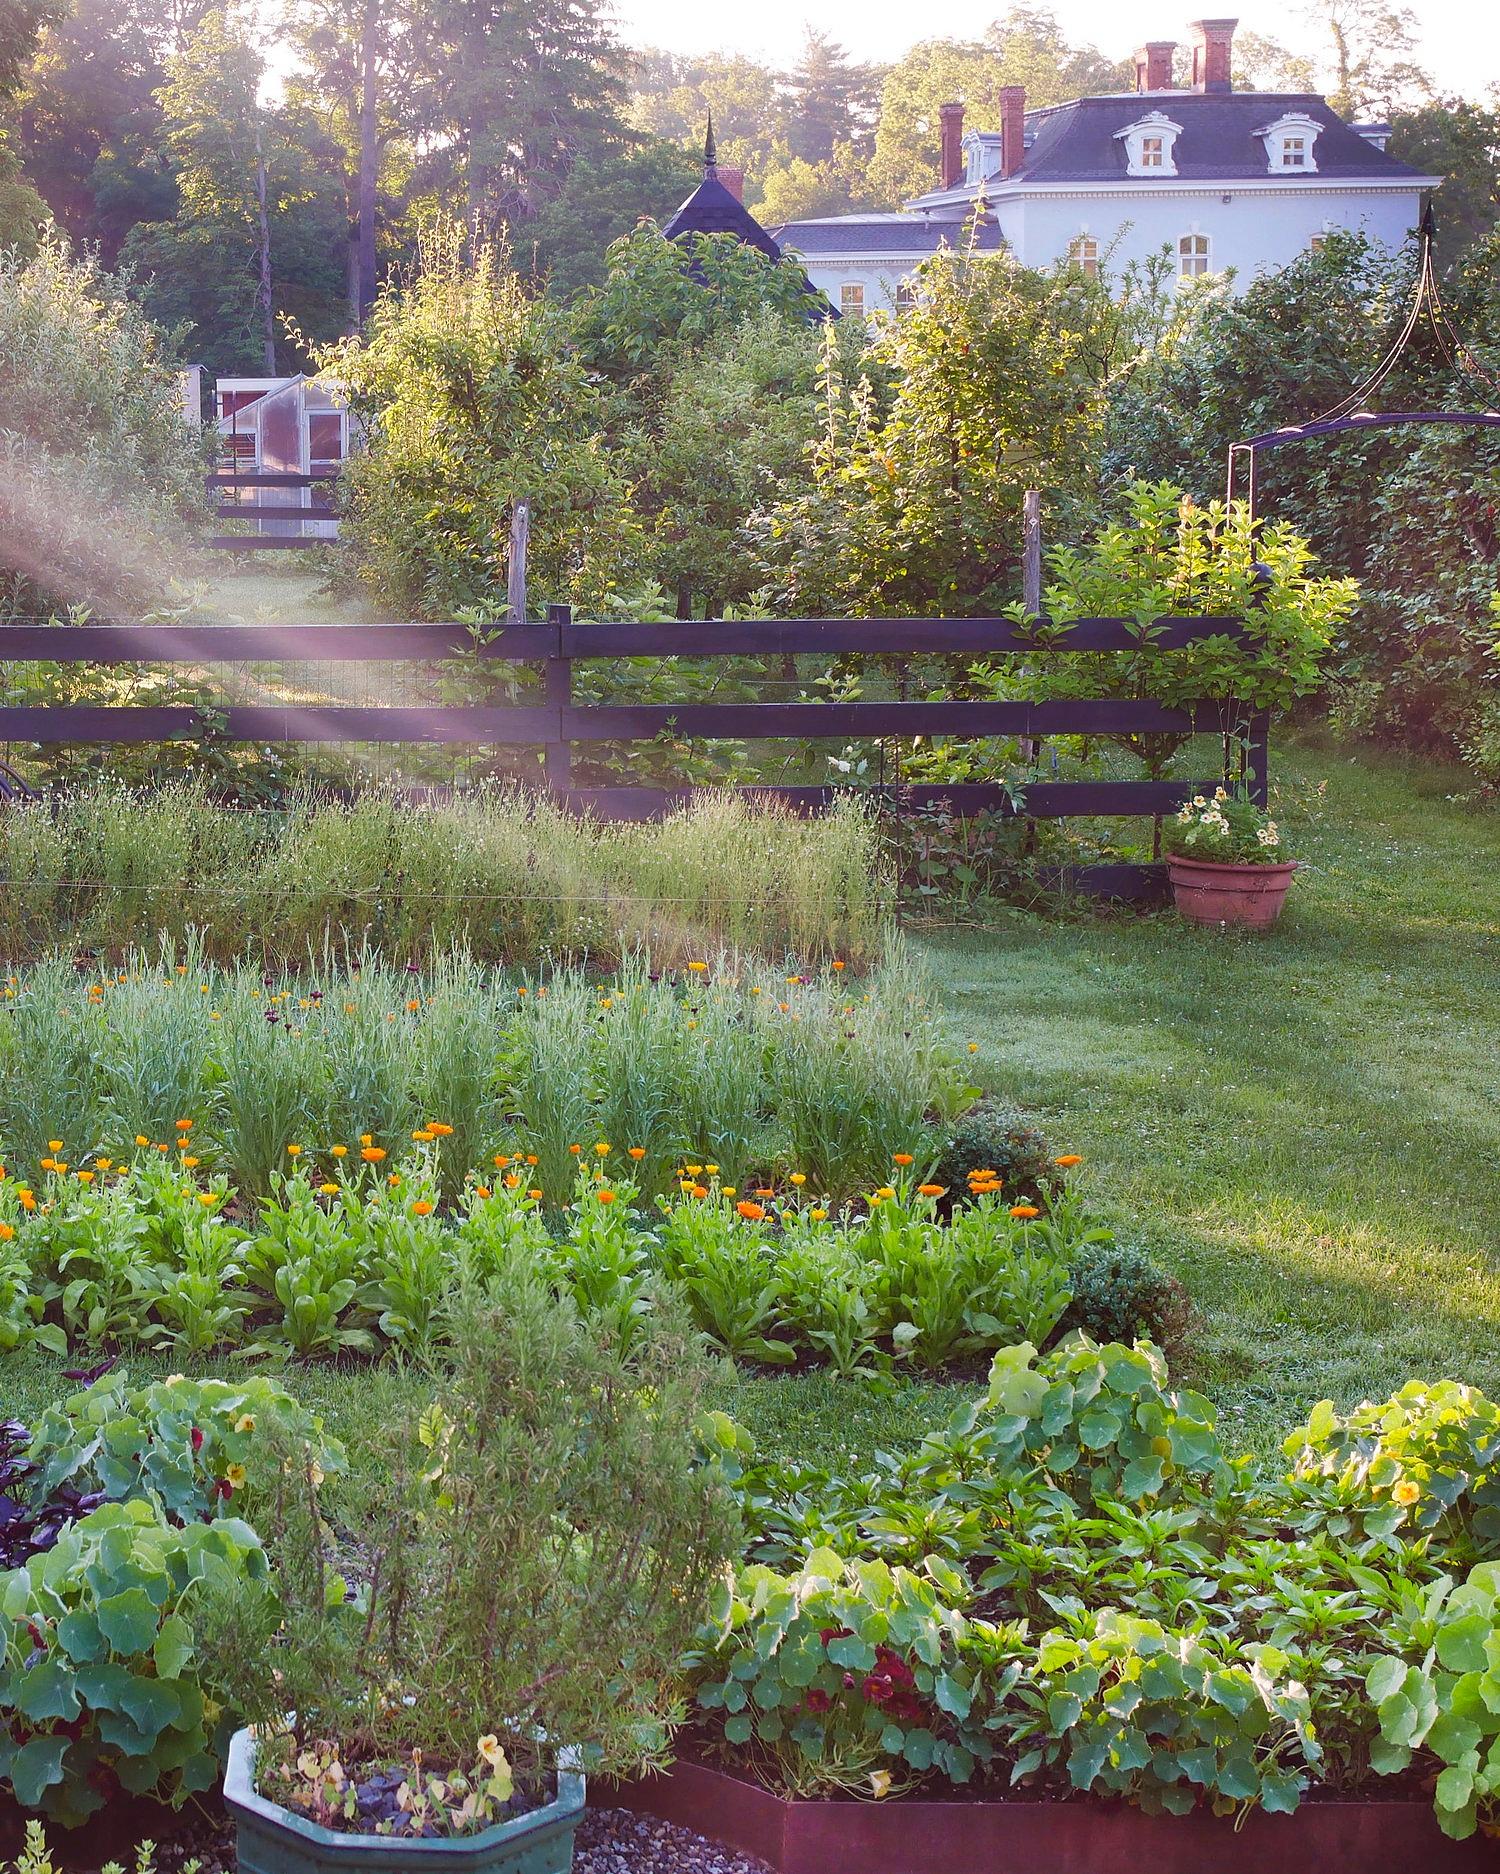 farm+view+9.jpg